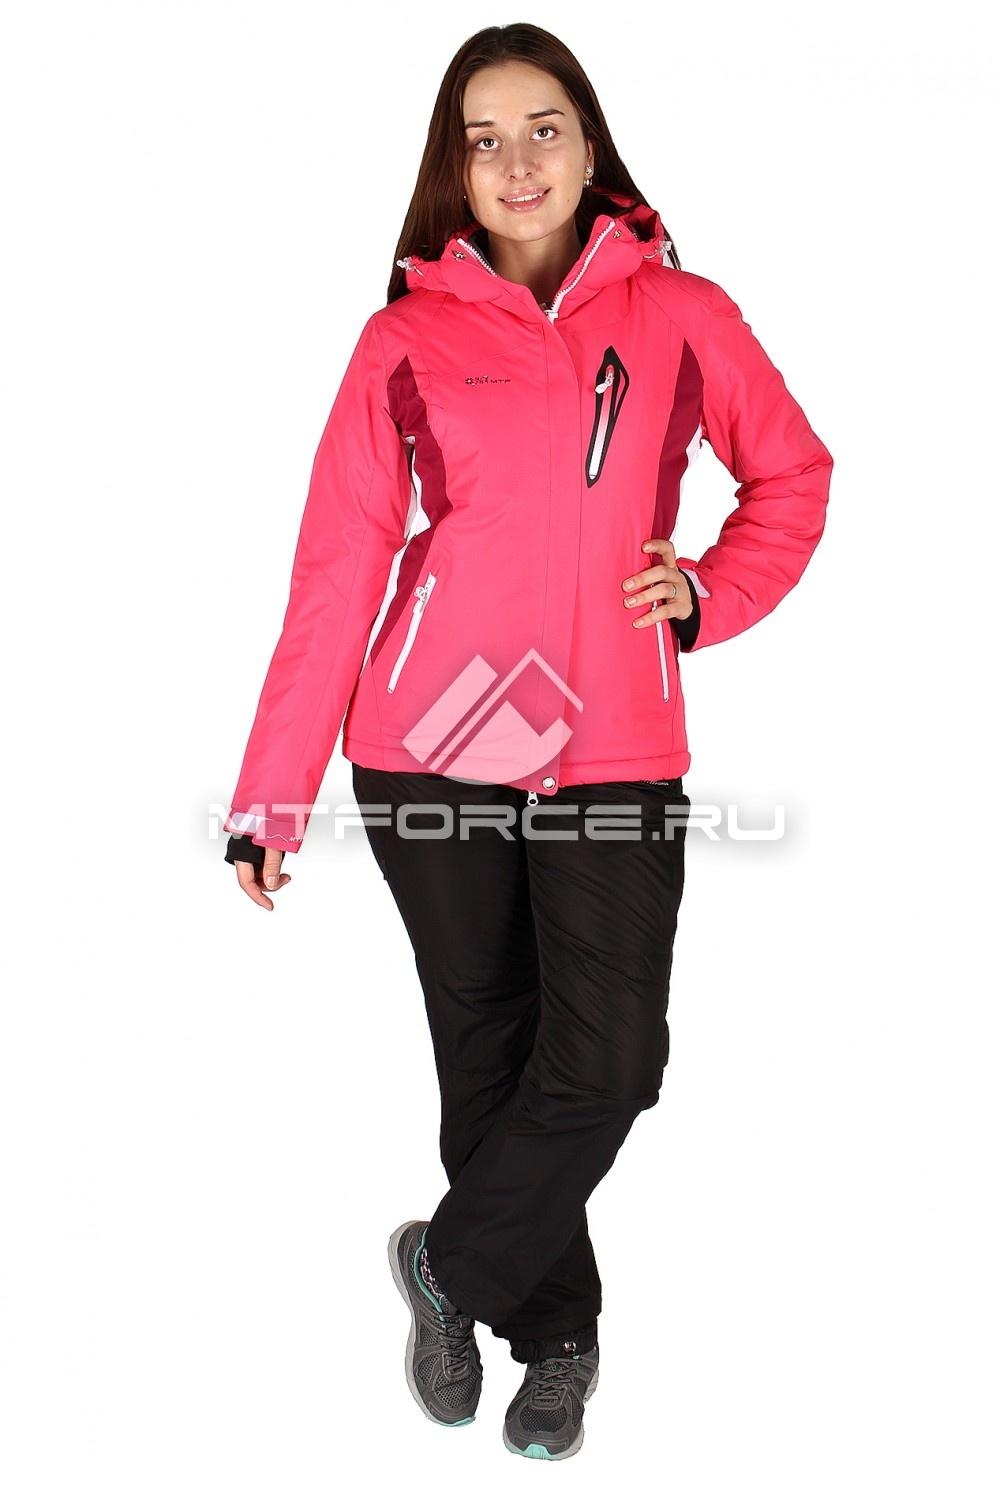 Купить                                  оптом Костюм горнолыжный женский розового цвета 01504R